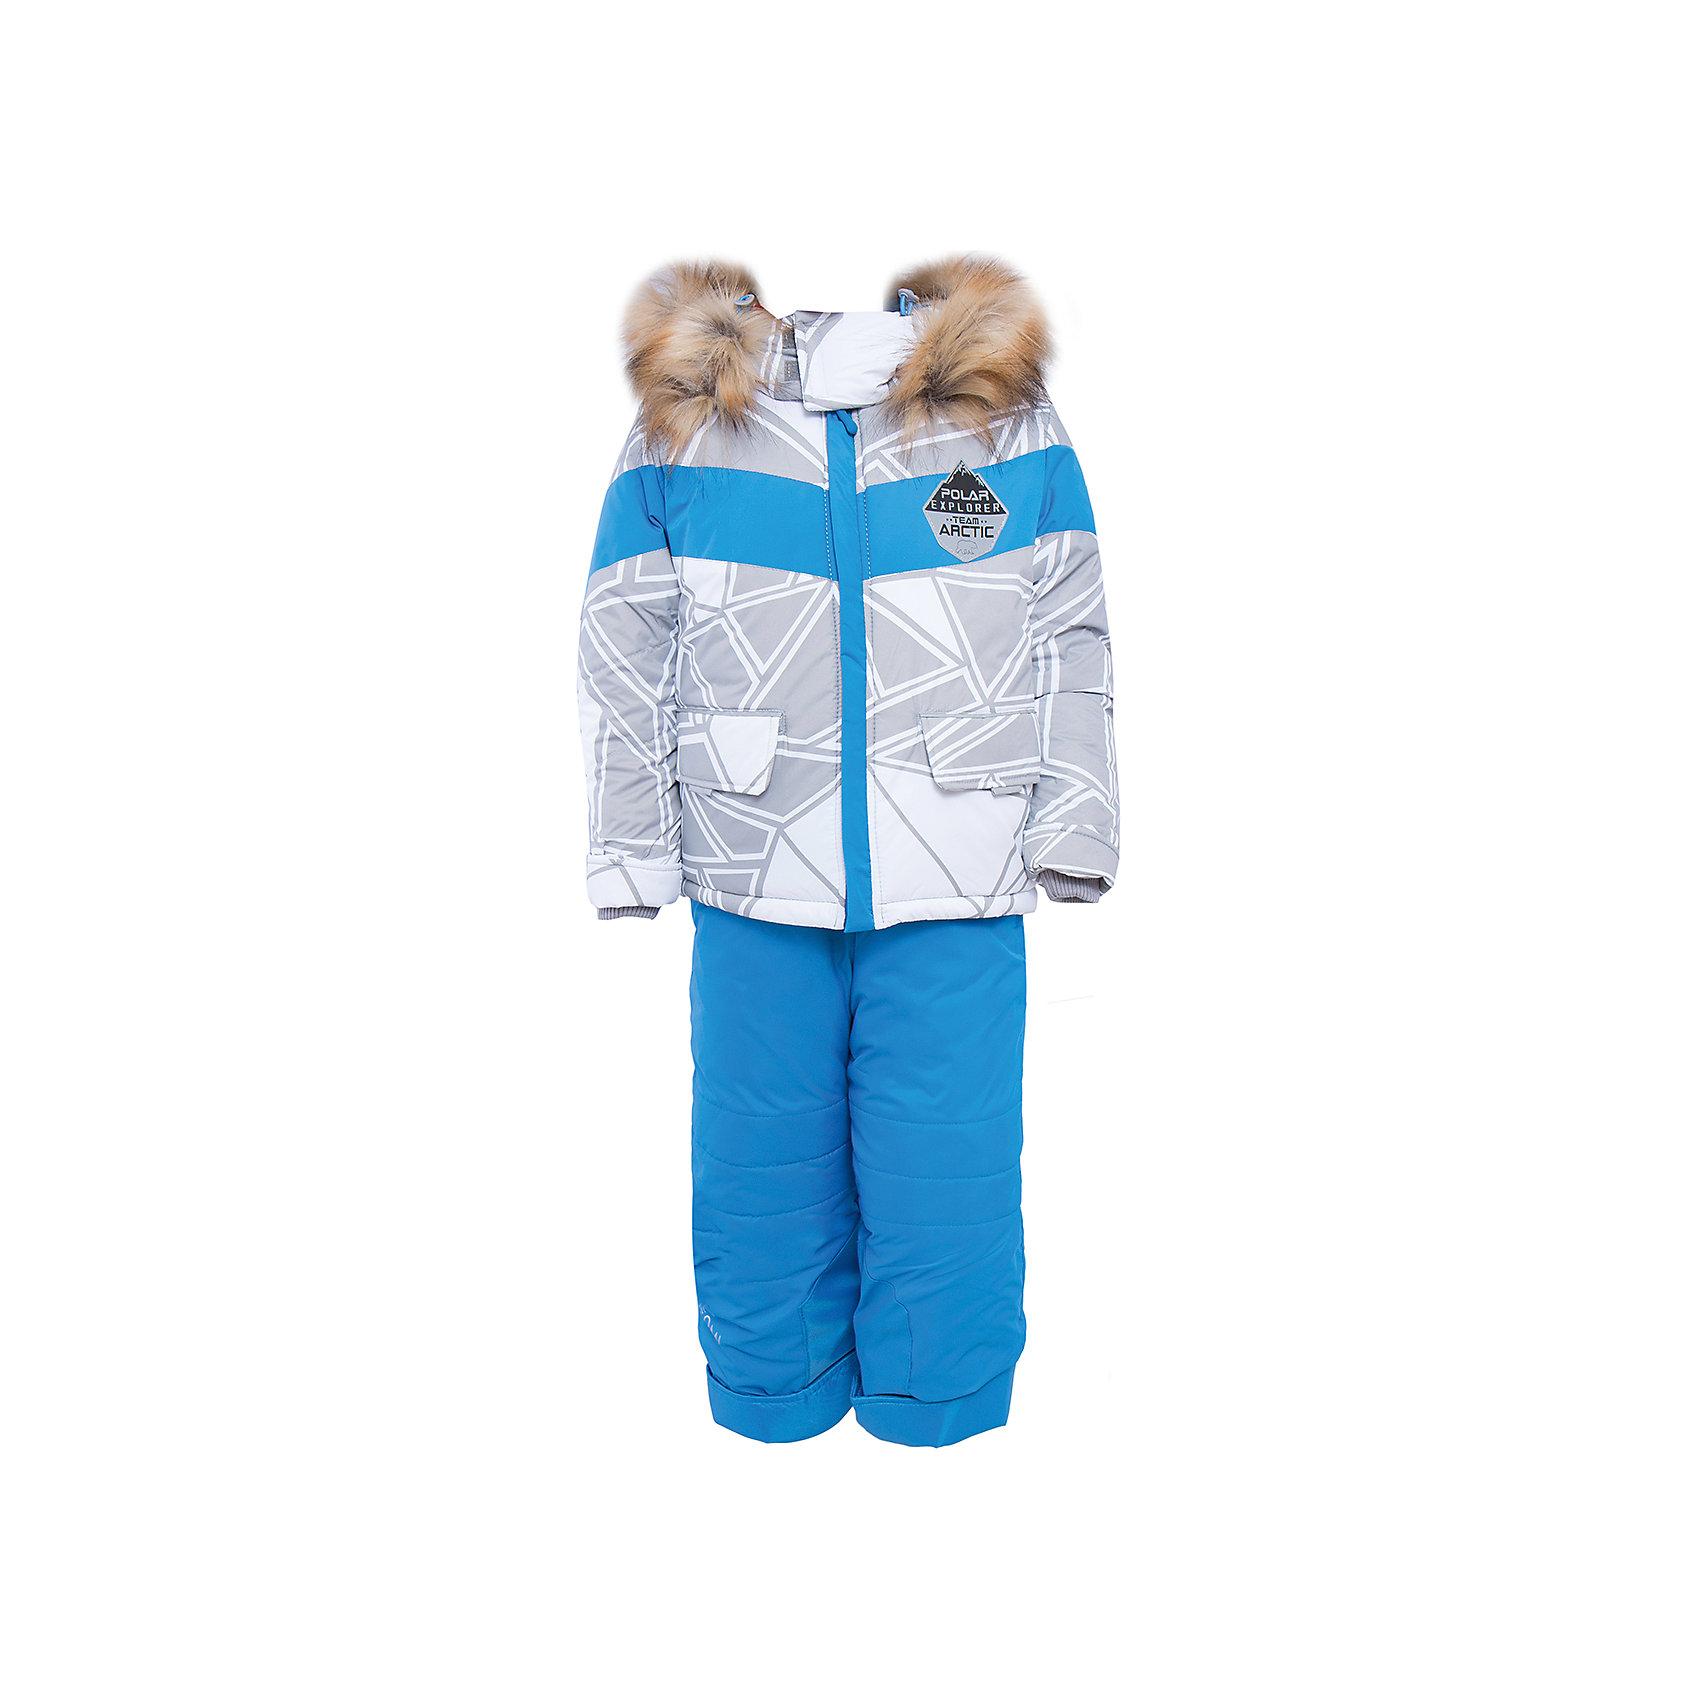 Комплект: куртка и брюки для мальчика BOOM by OrbyВерхняя одежда<br>Характеристики изделия:<br><br>- комплектация: куртка, полукомбинезон;<br>- материа л верха: 100% полиэстер;;<br>- подкладка: ПЭ, флис;<br>- утеплитель: Flexy Fiber 400 г/м2, 200 г/м2; <br>- фурнитура: металл, пластик;<br>- застежка: молния;<br>- капюшон;<br>- внутренний ветрозащитный клапан;<br>- принт на куртке;<br>- температурный режим до -30°С<br><br><br>В холодный сезон важно одеть ребенка комфортно и тепло. Этот стильный и теплый комплект позволит мальчику наслаждаться зимним отдыхом, не боясь замерзнуть, и выглядеть при этом очень симпатично.<br>Теплая куртка плотно сидит благодаря манжетам и надежным застежкам. Она смотрится очень эффектно благодаря стильному принту. Полукомбинезон дополнен регулируемыми лямками, карманами и манжетами.<br><br>Комплект: курта и брюки для мальчика от бренда BOOM by Orby можно купить в нашем магазине.<br><br>Ширина мм: 215<br>Глубина мм: 88<br>Высота мм: 191<br>Вес г: 336<br>Цвет: серый<br>Возраст от месяцев: 12<br>Возраст до месяцев: 15<br>Пол: Мужской<br>Возраст: Детский<br>Размер: 80,104,86,92,98,116,110<br>SKU: 4982704